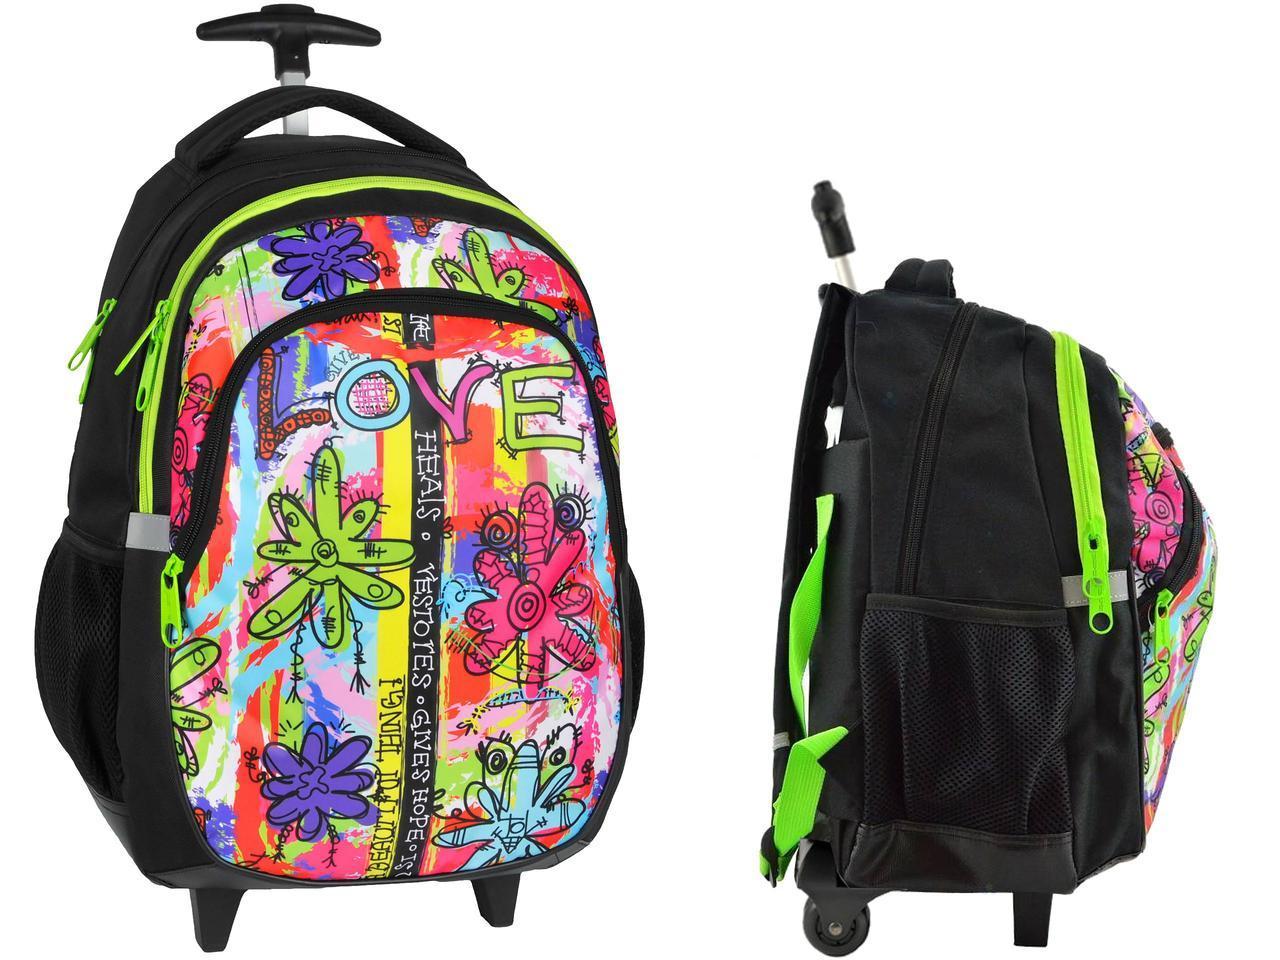 Рюкзак на колесах купить польша рюкзаки привал купить